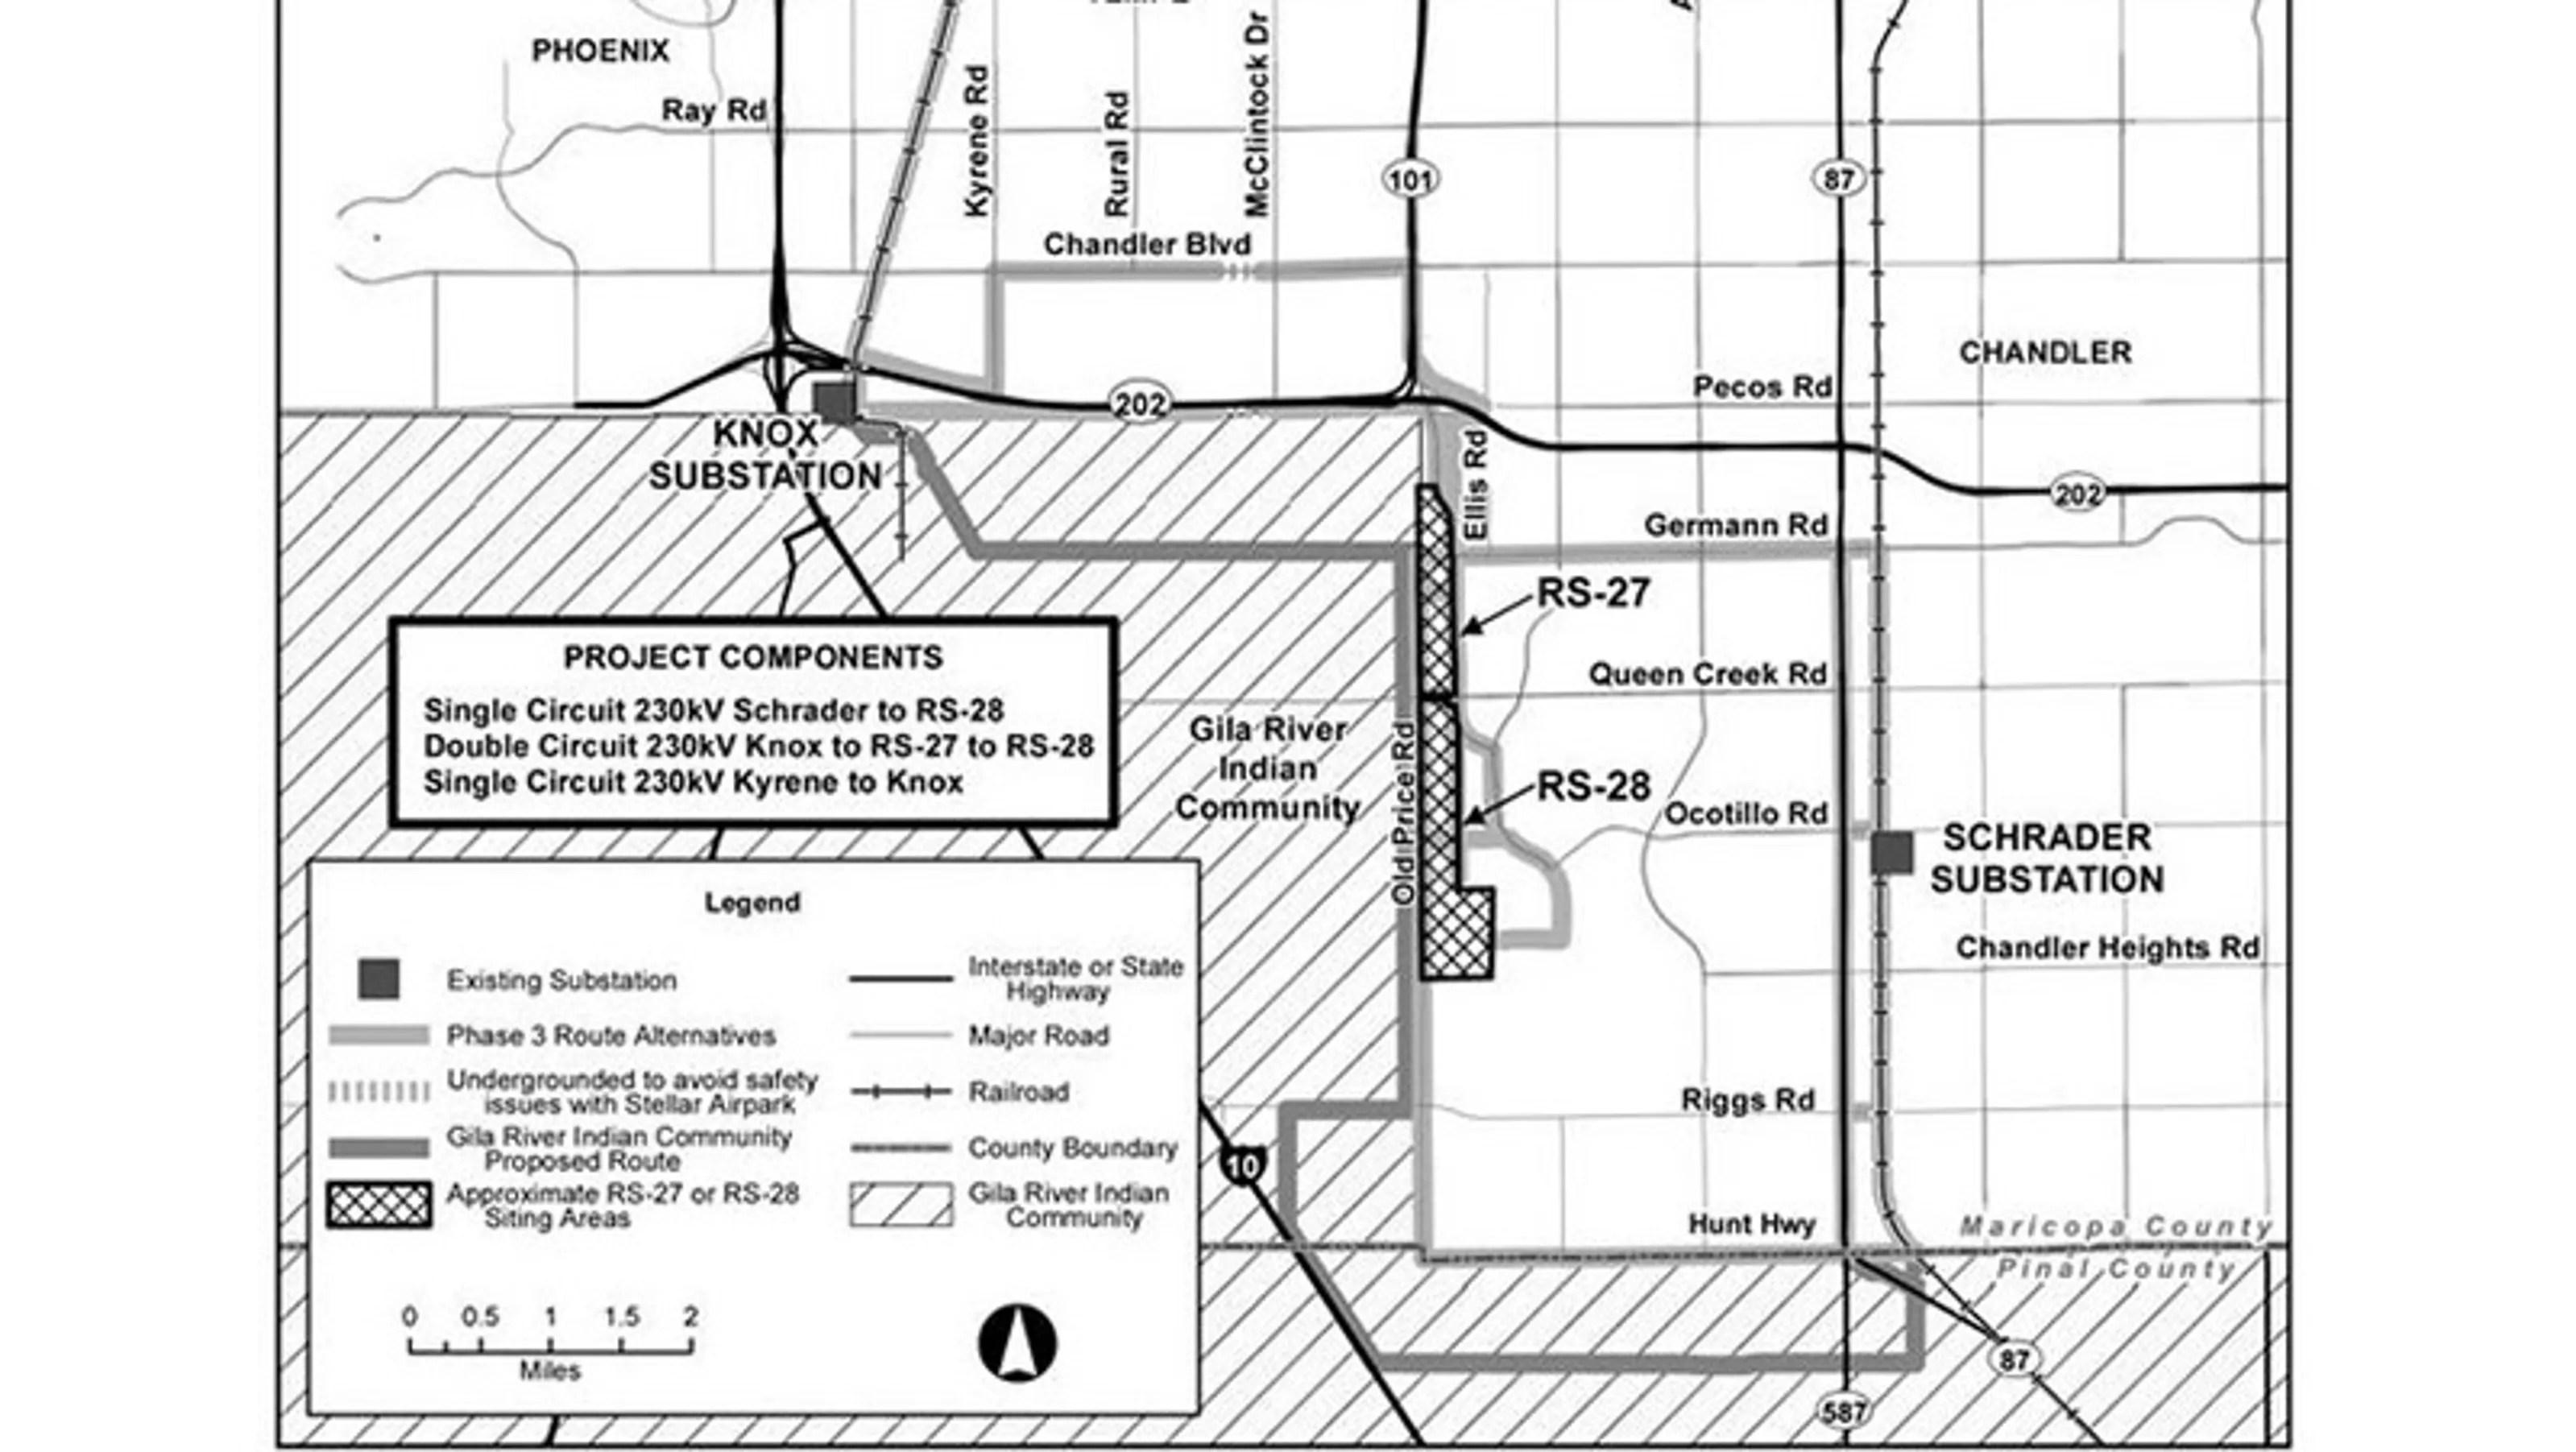 Srp Updates Chandler High Voltage Power Line Proposal